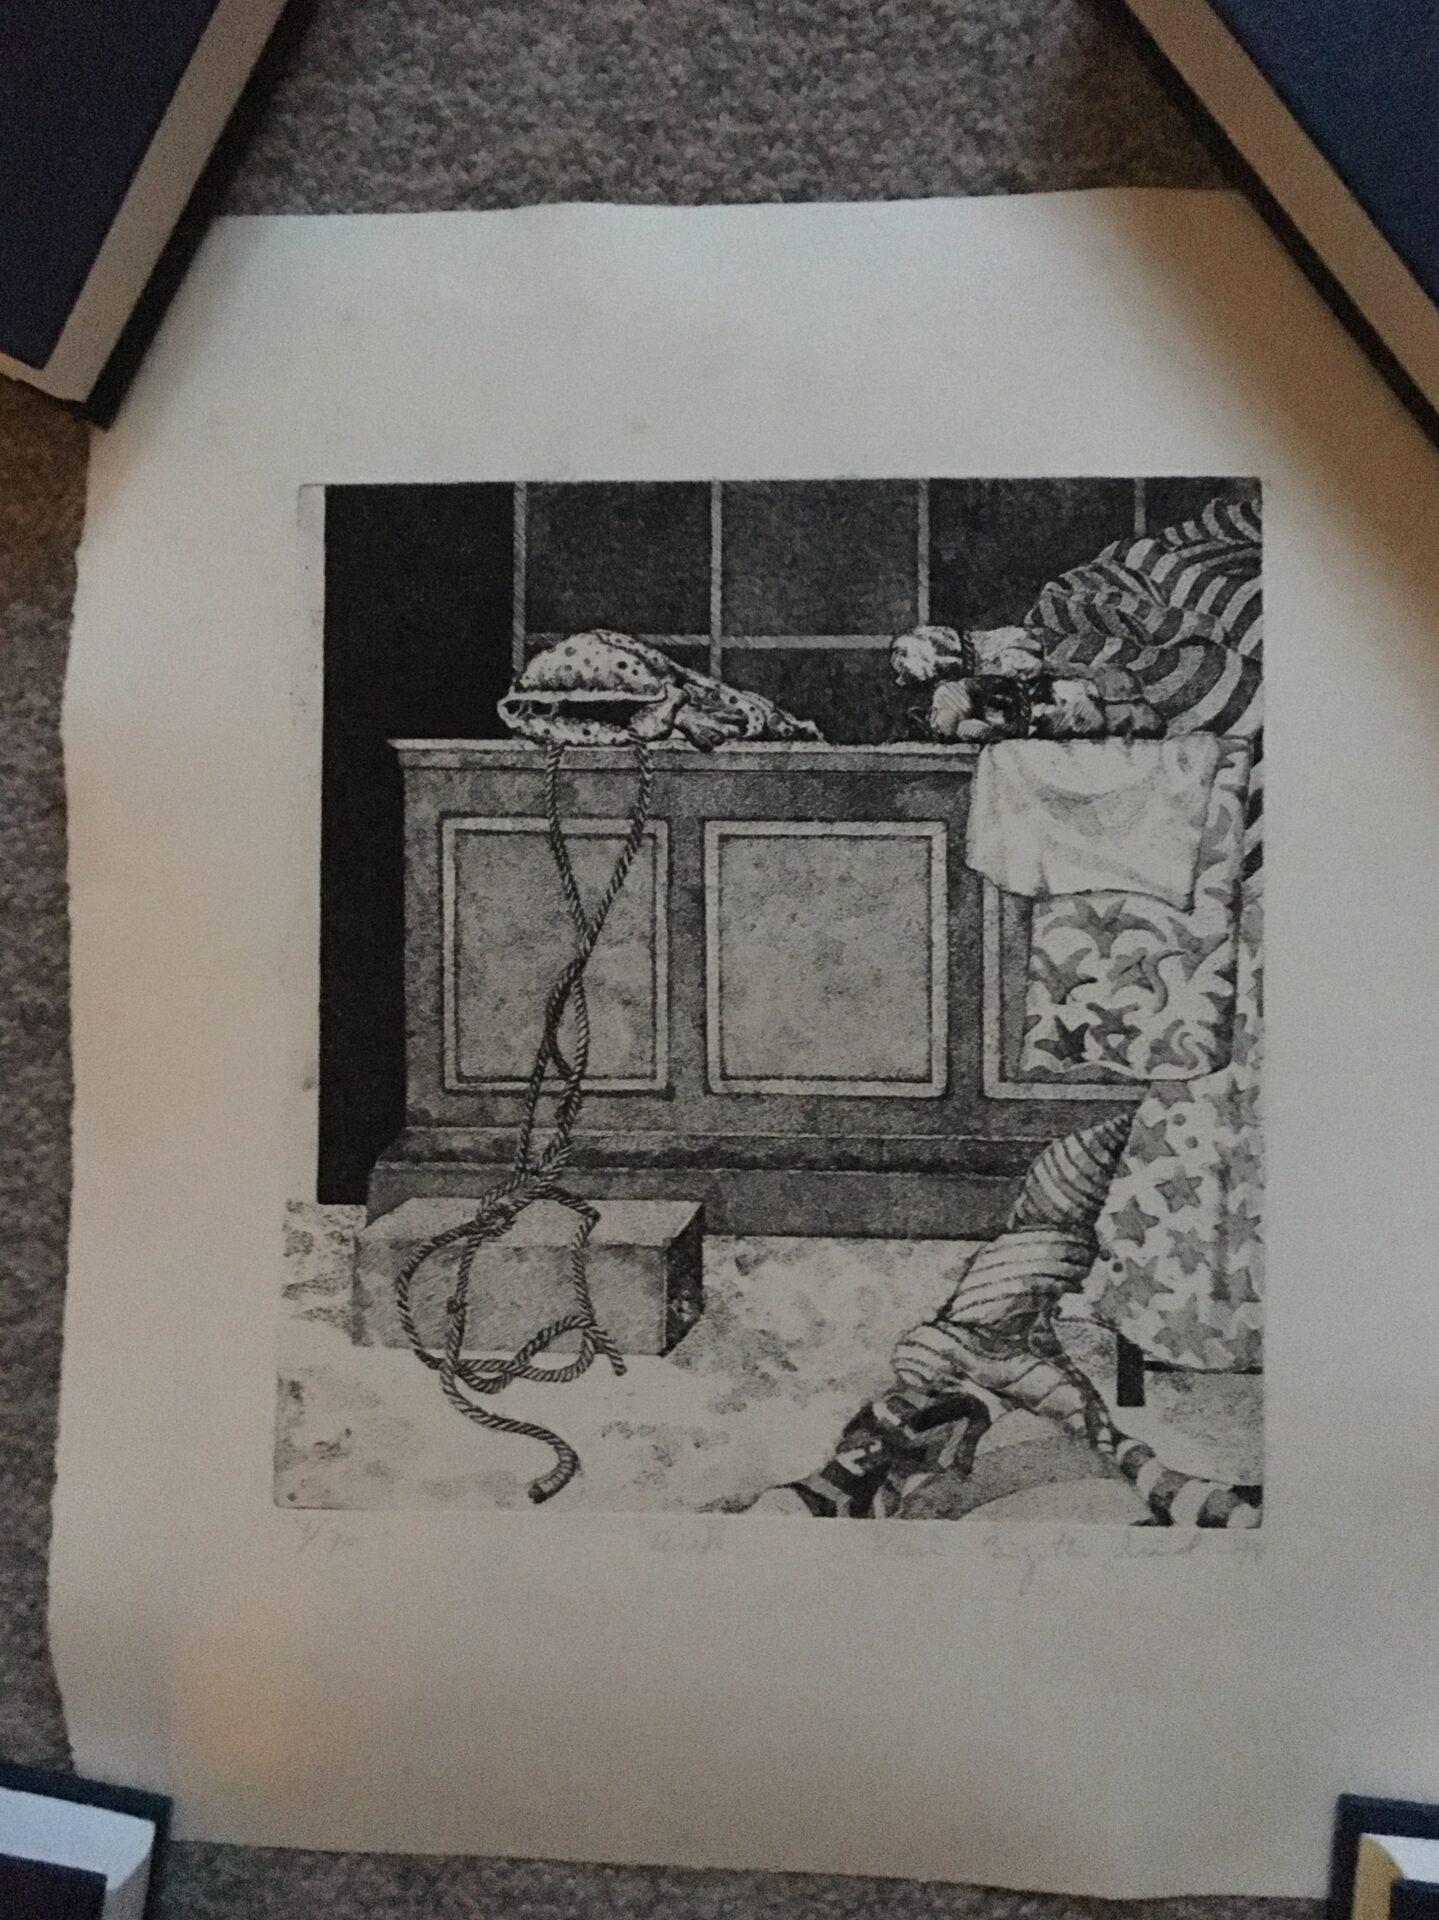 Karen Birgitte Lund, signeret litografi nr 4/70, pris 200 kr (32x38 cm, uindrammet, rullet)